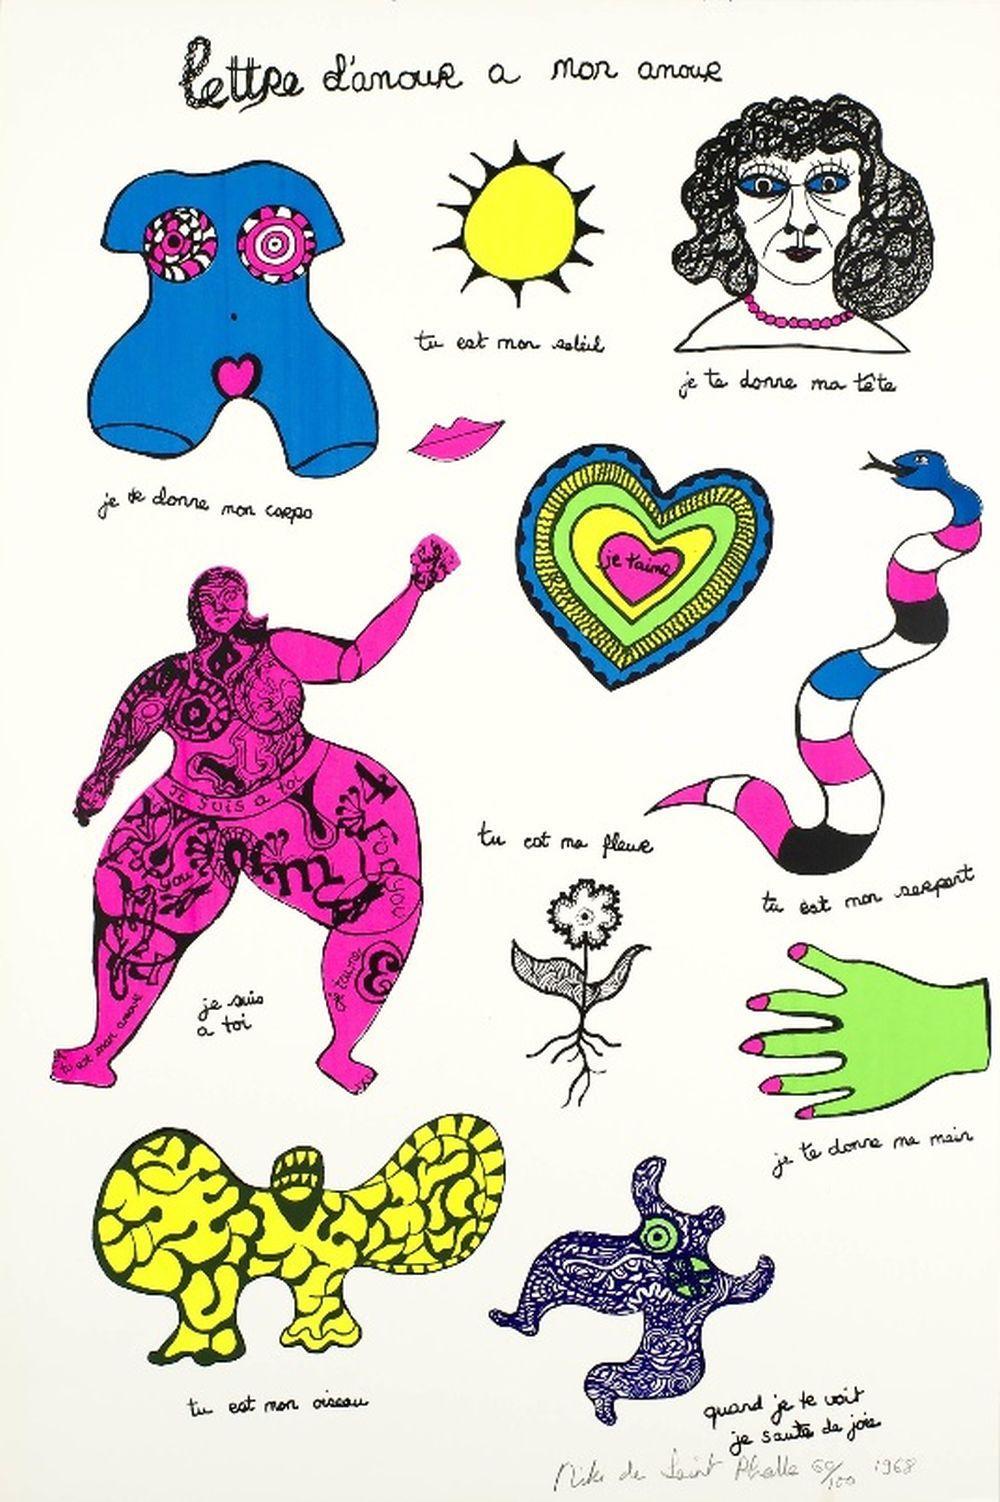 Niki de Saint Phalle - Lettre d'amour à mon amour, 1968